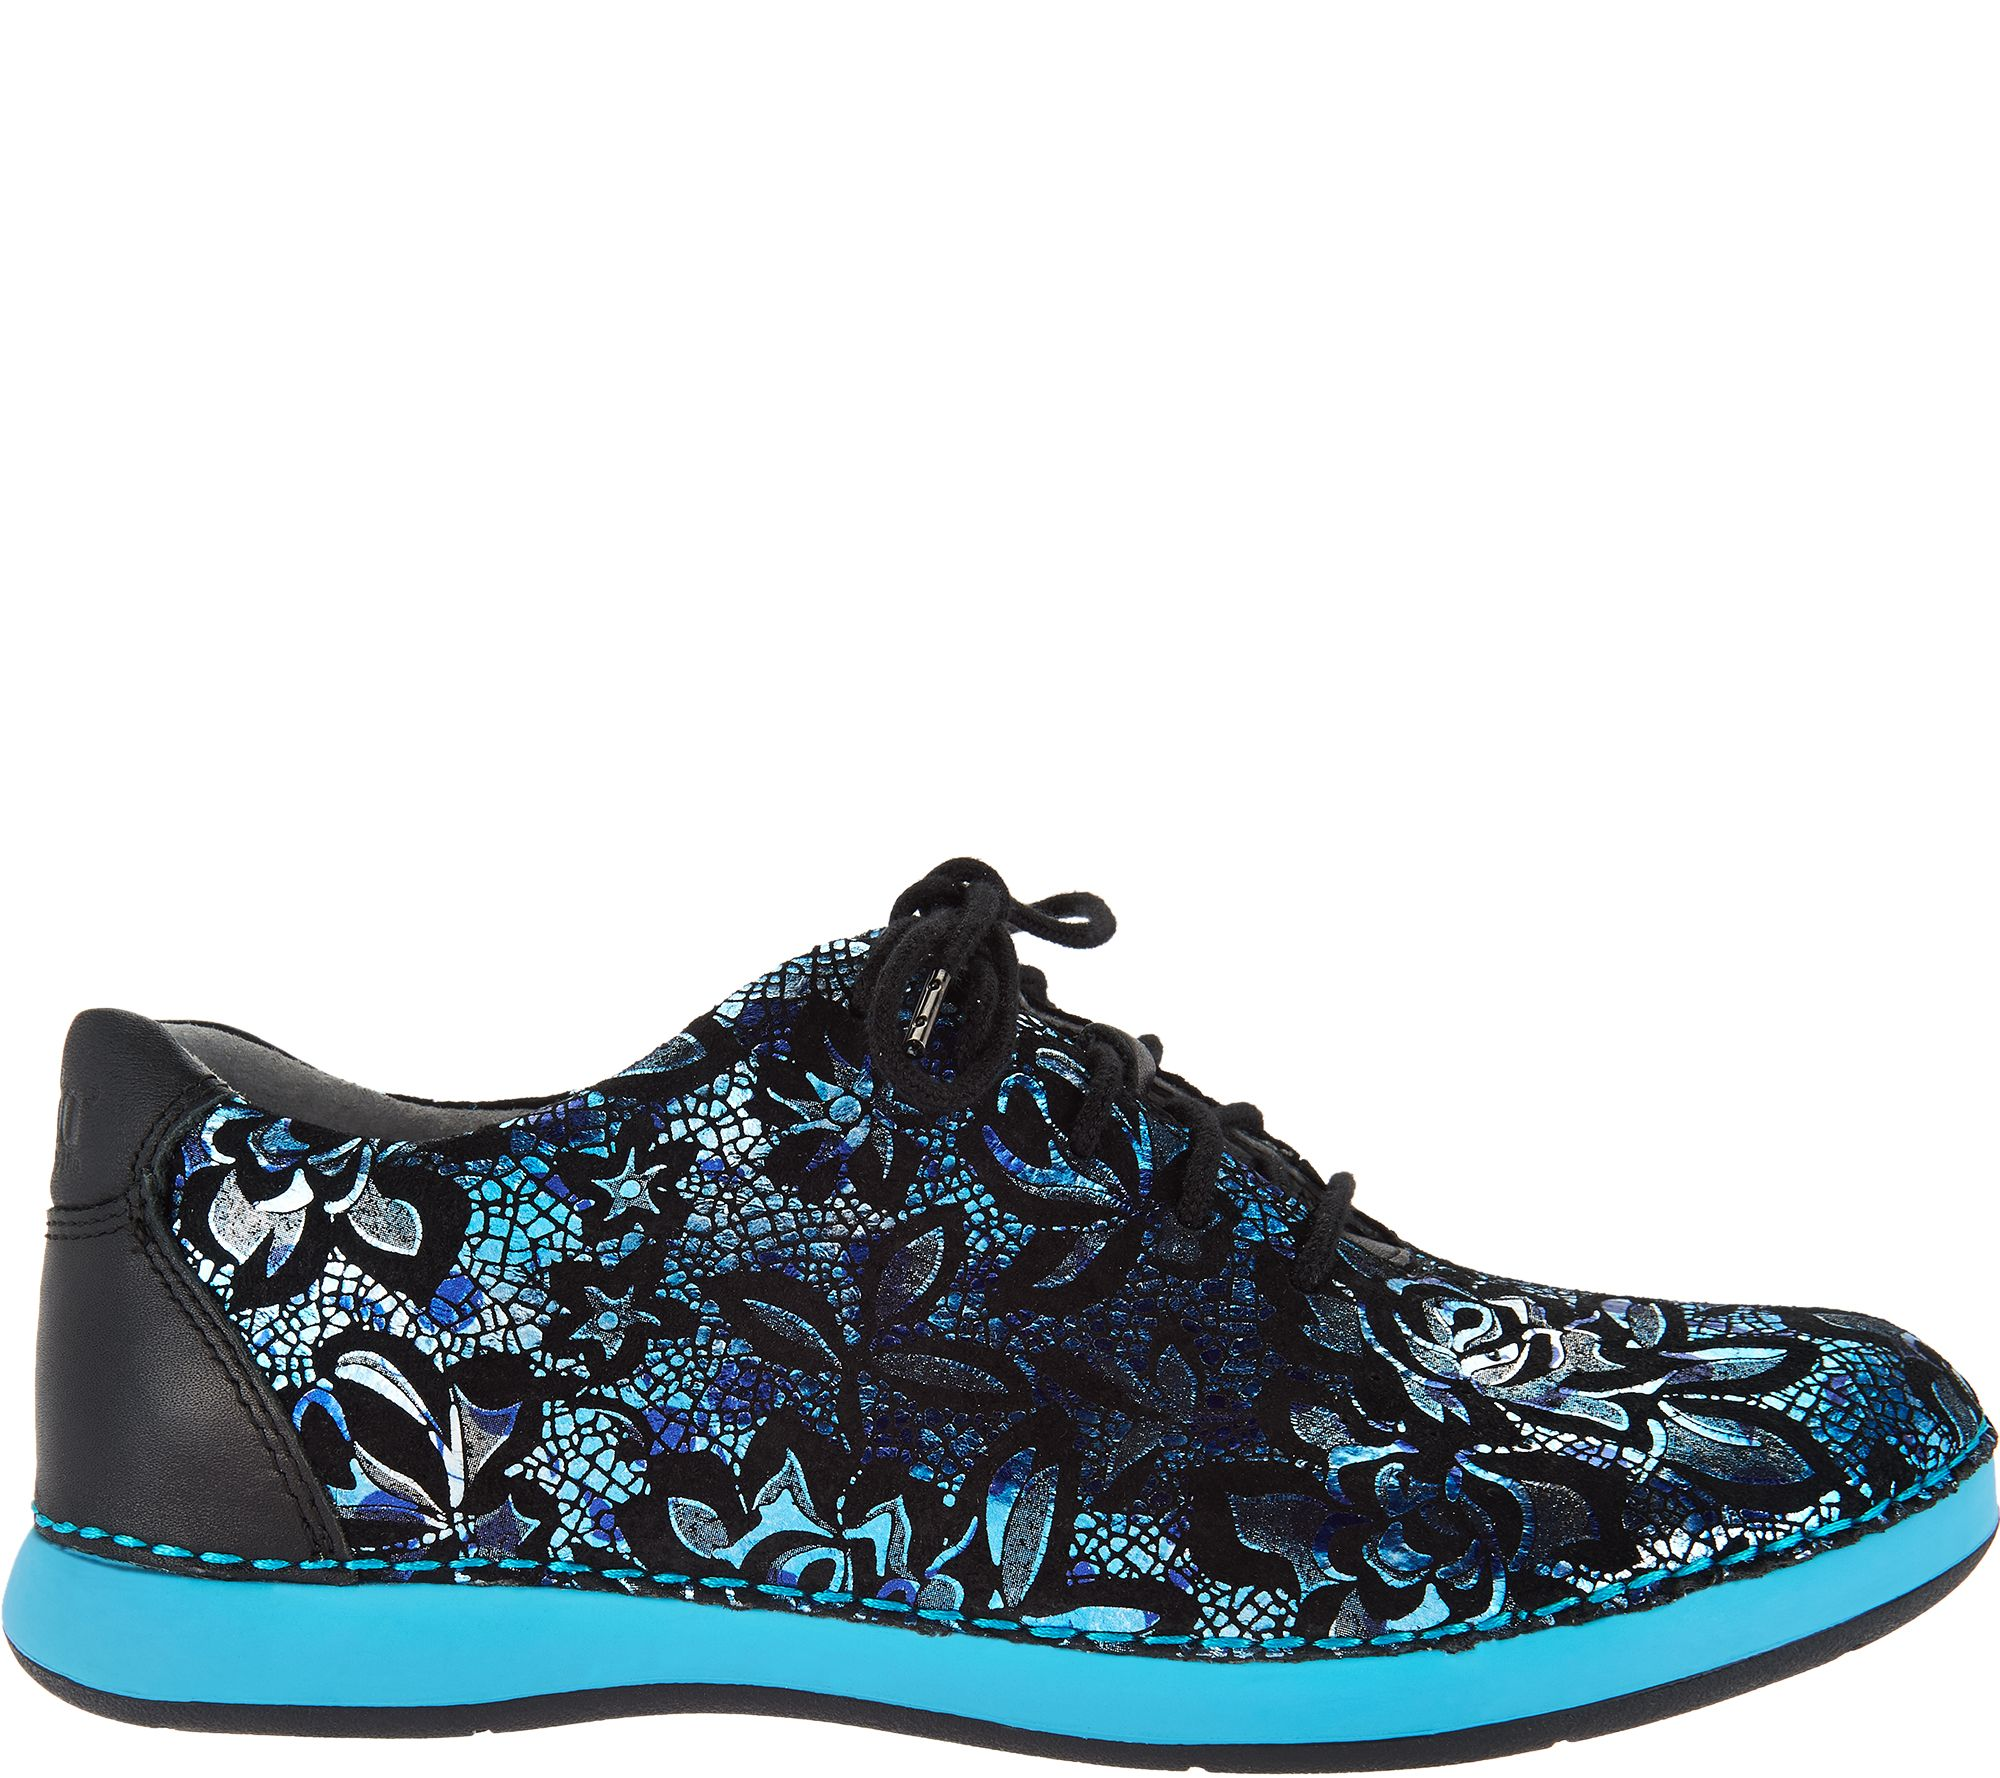 50739af38e7d Alegria Leather Lace-up Shoes - Essence - Page 1 — QVC.com